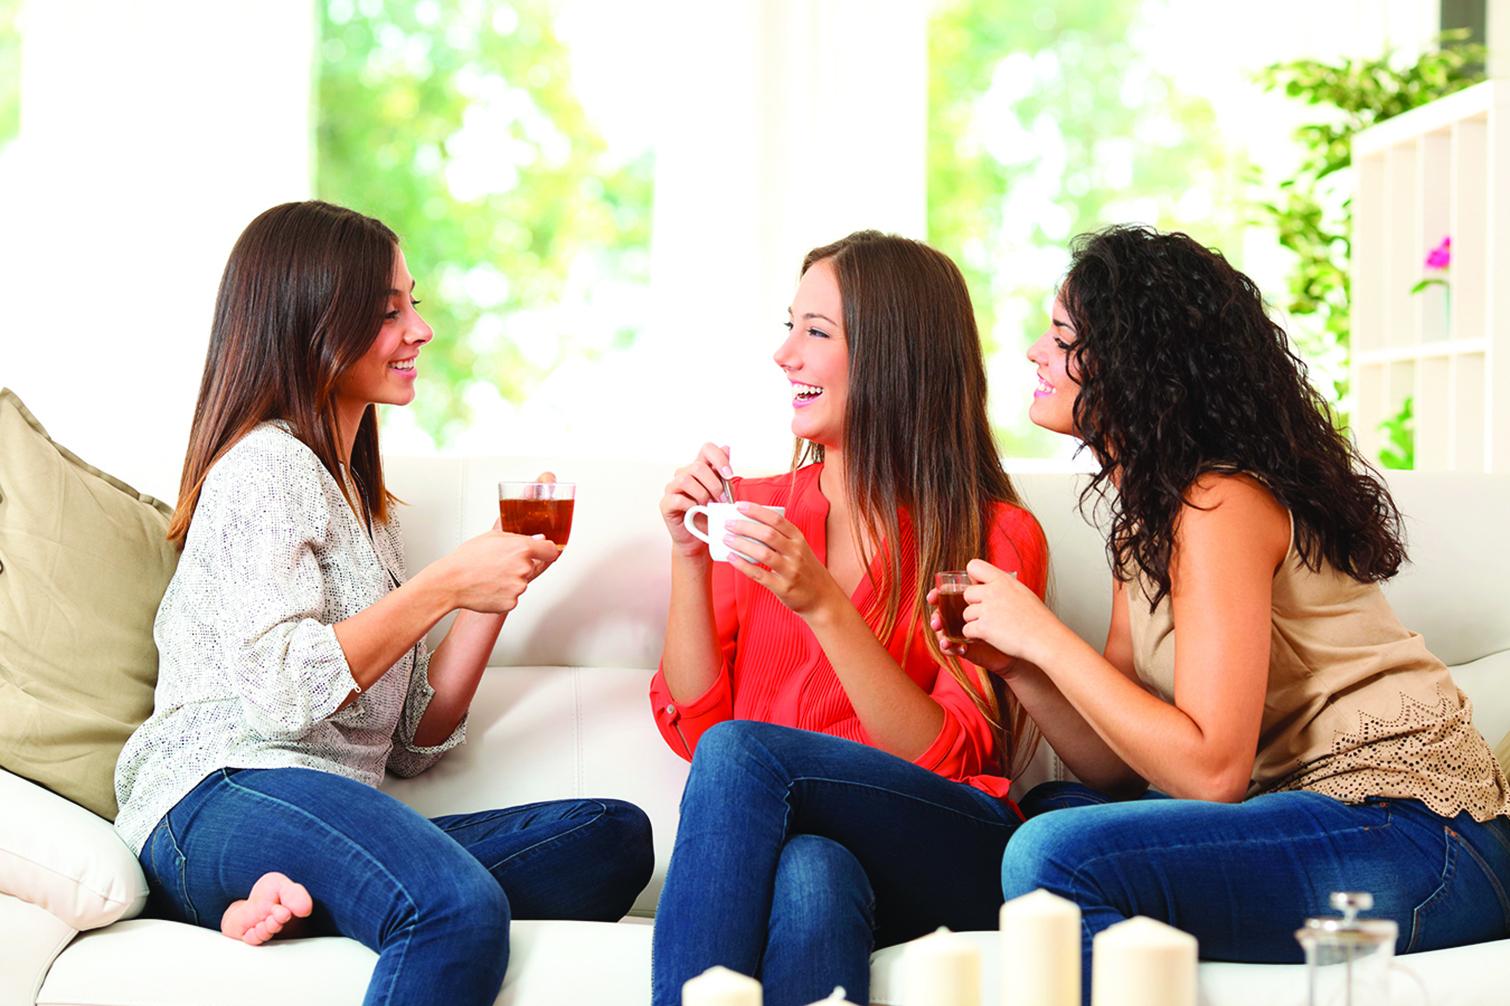 邀請朋友來家裏作客時,不要過度擔心整潔才能聊得盡興。